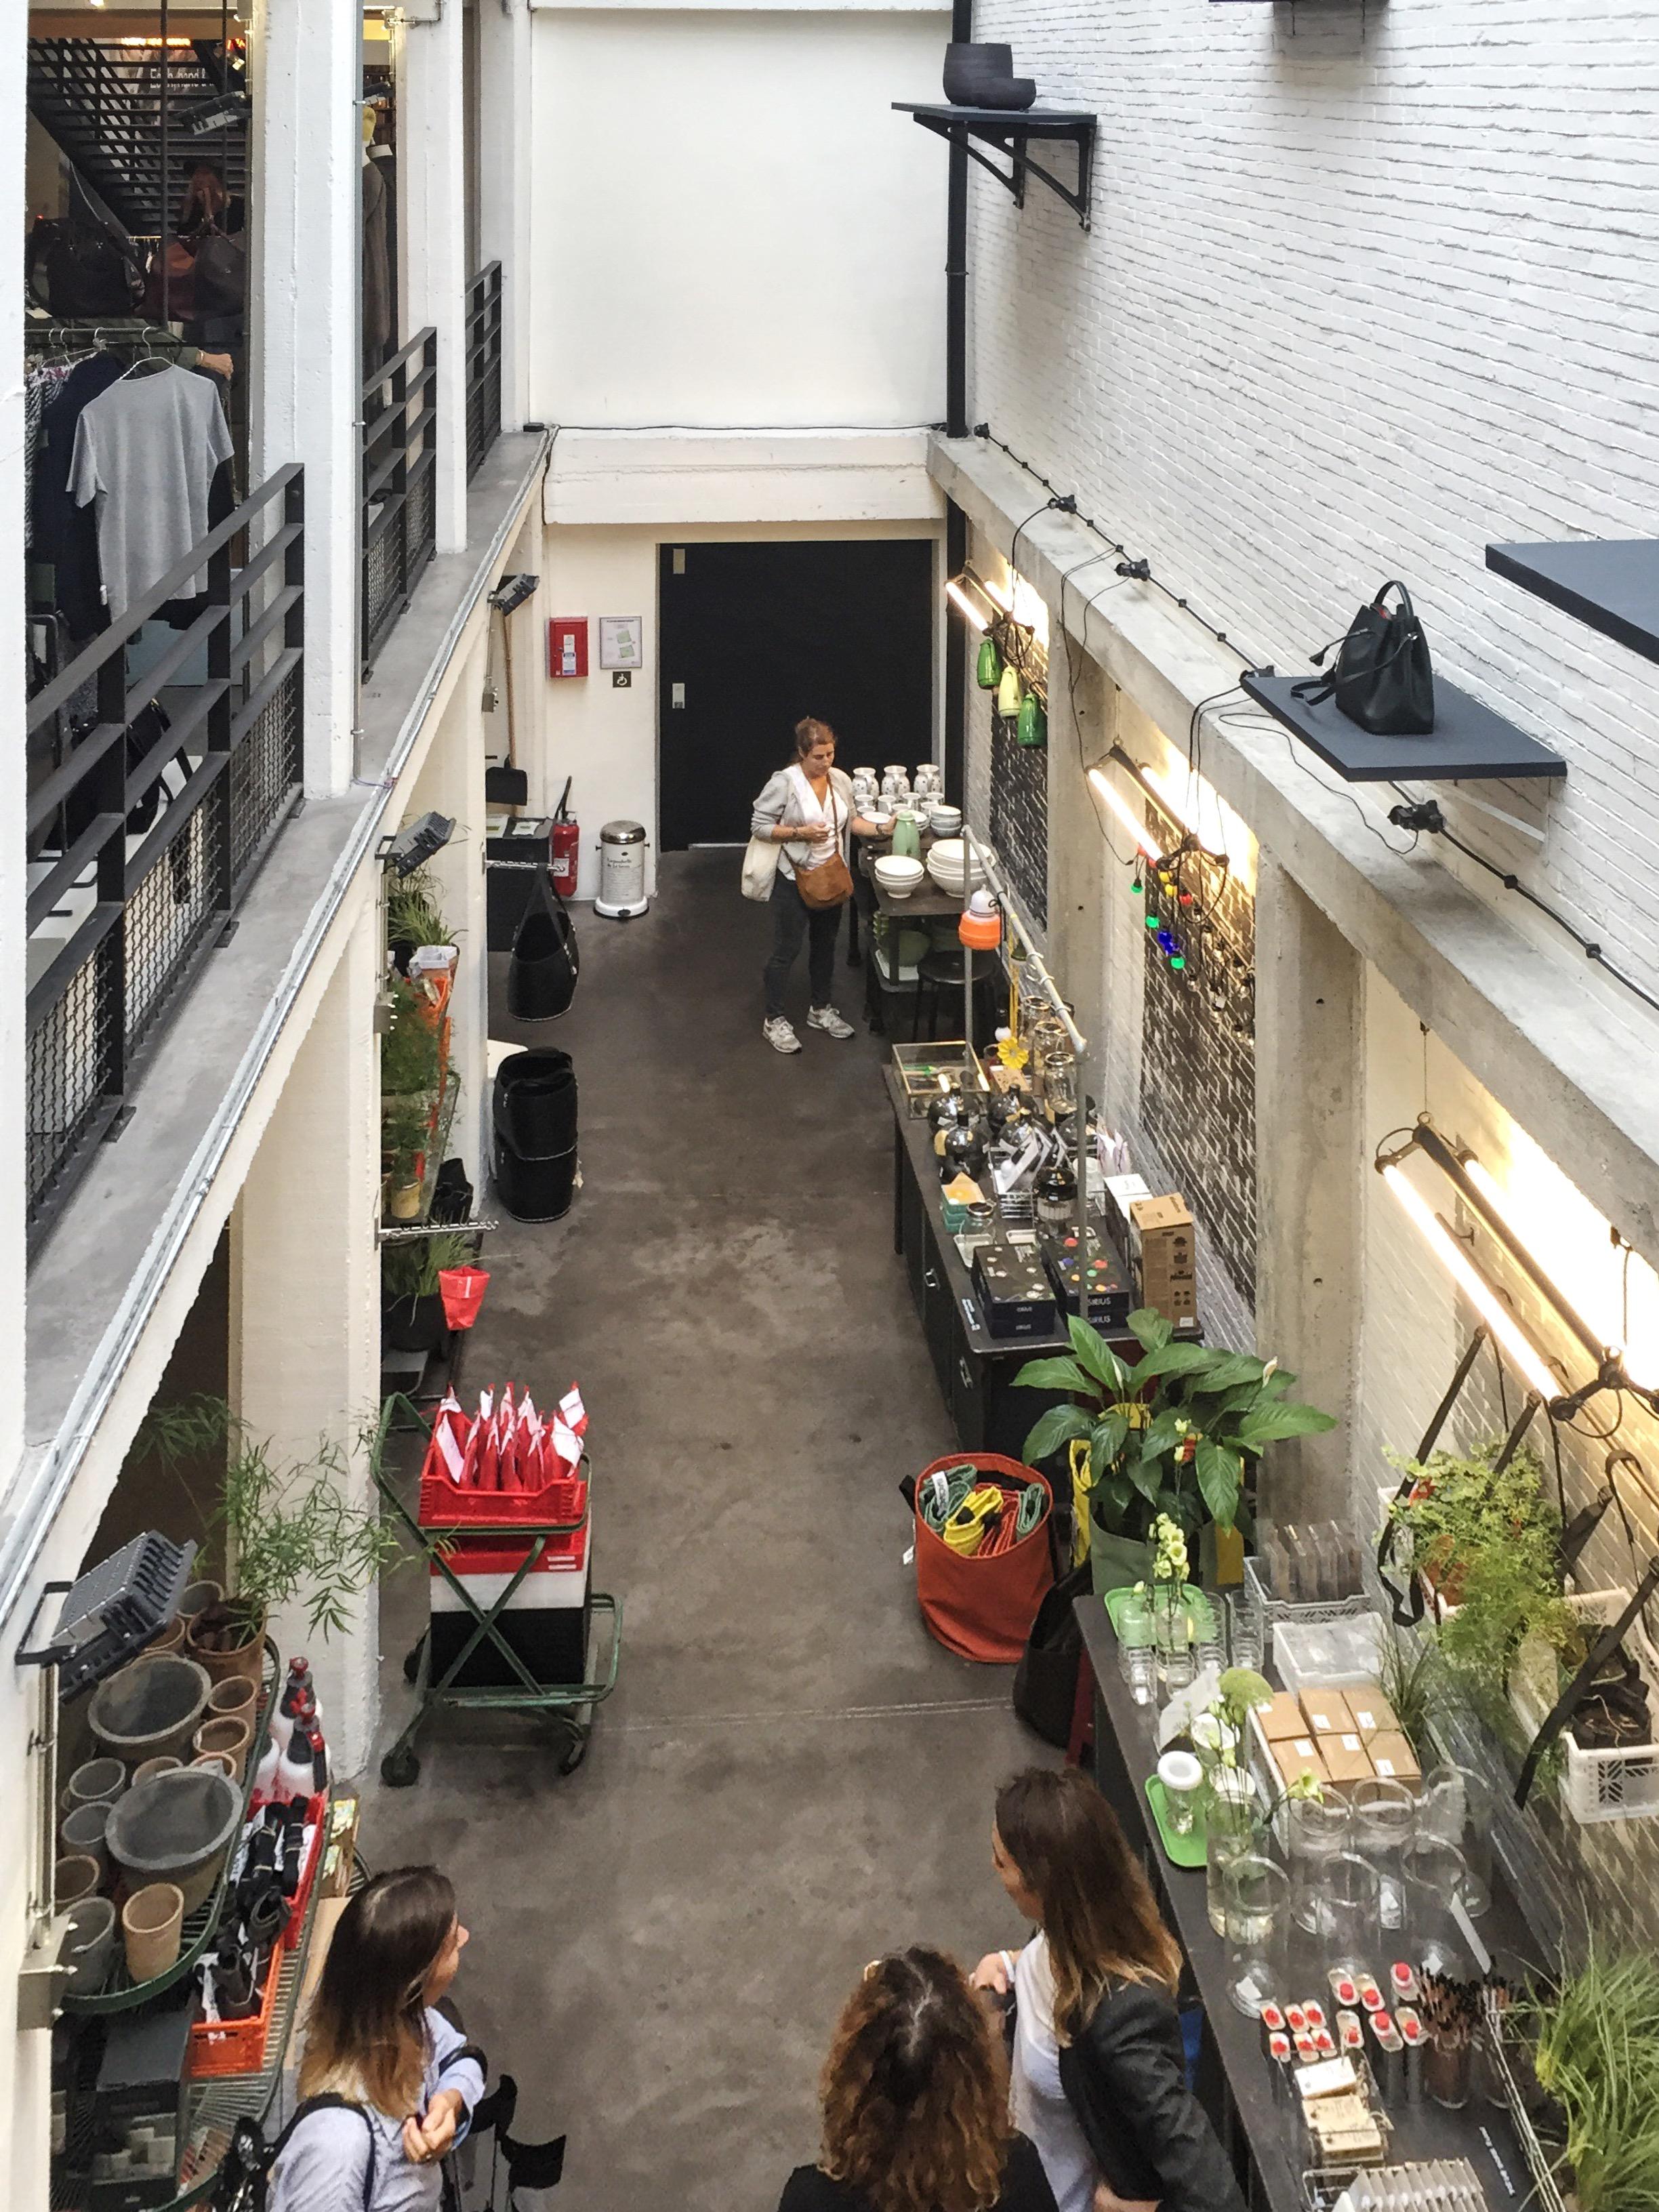 挑高樓梯區 - 從樓梯往下看地下室的園藝區